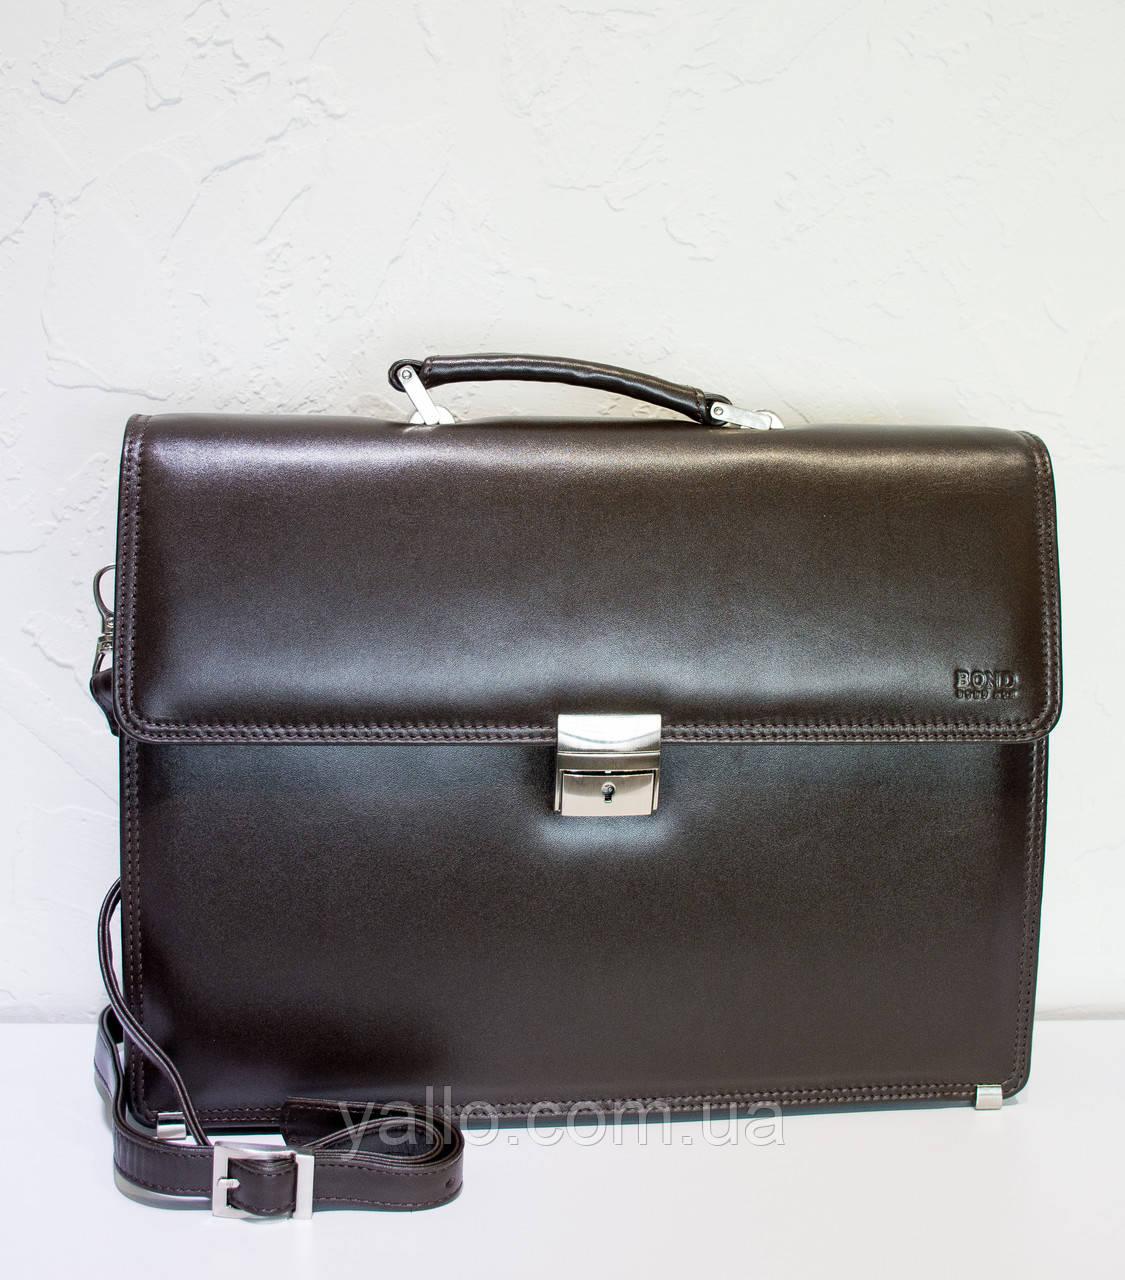 Мужской кожаный портфель BOND 1210-4